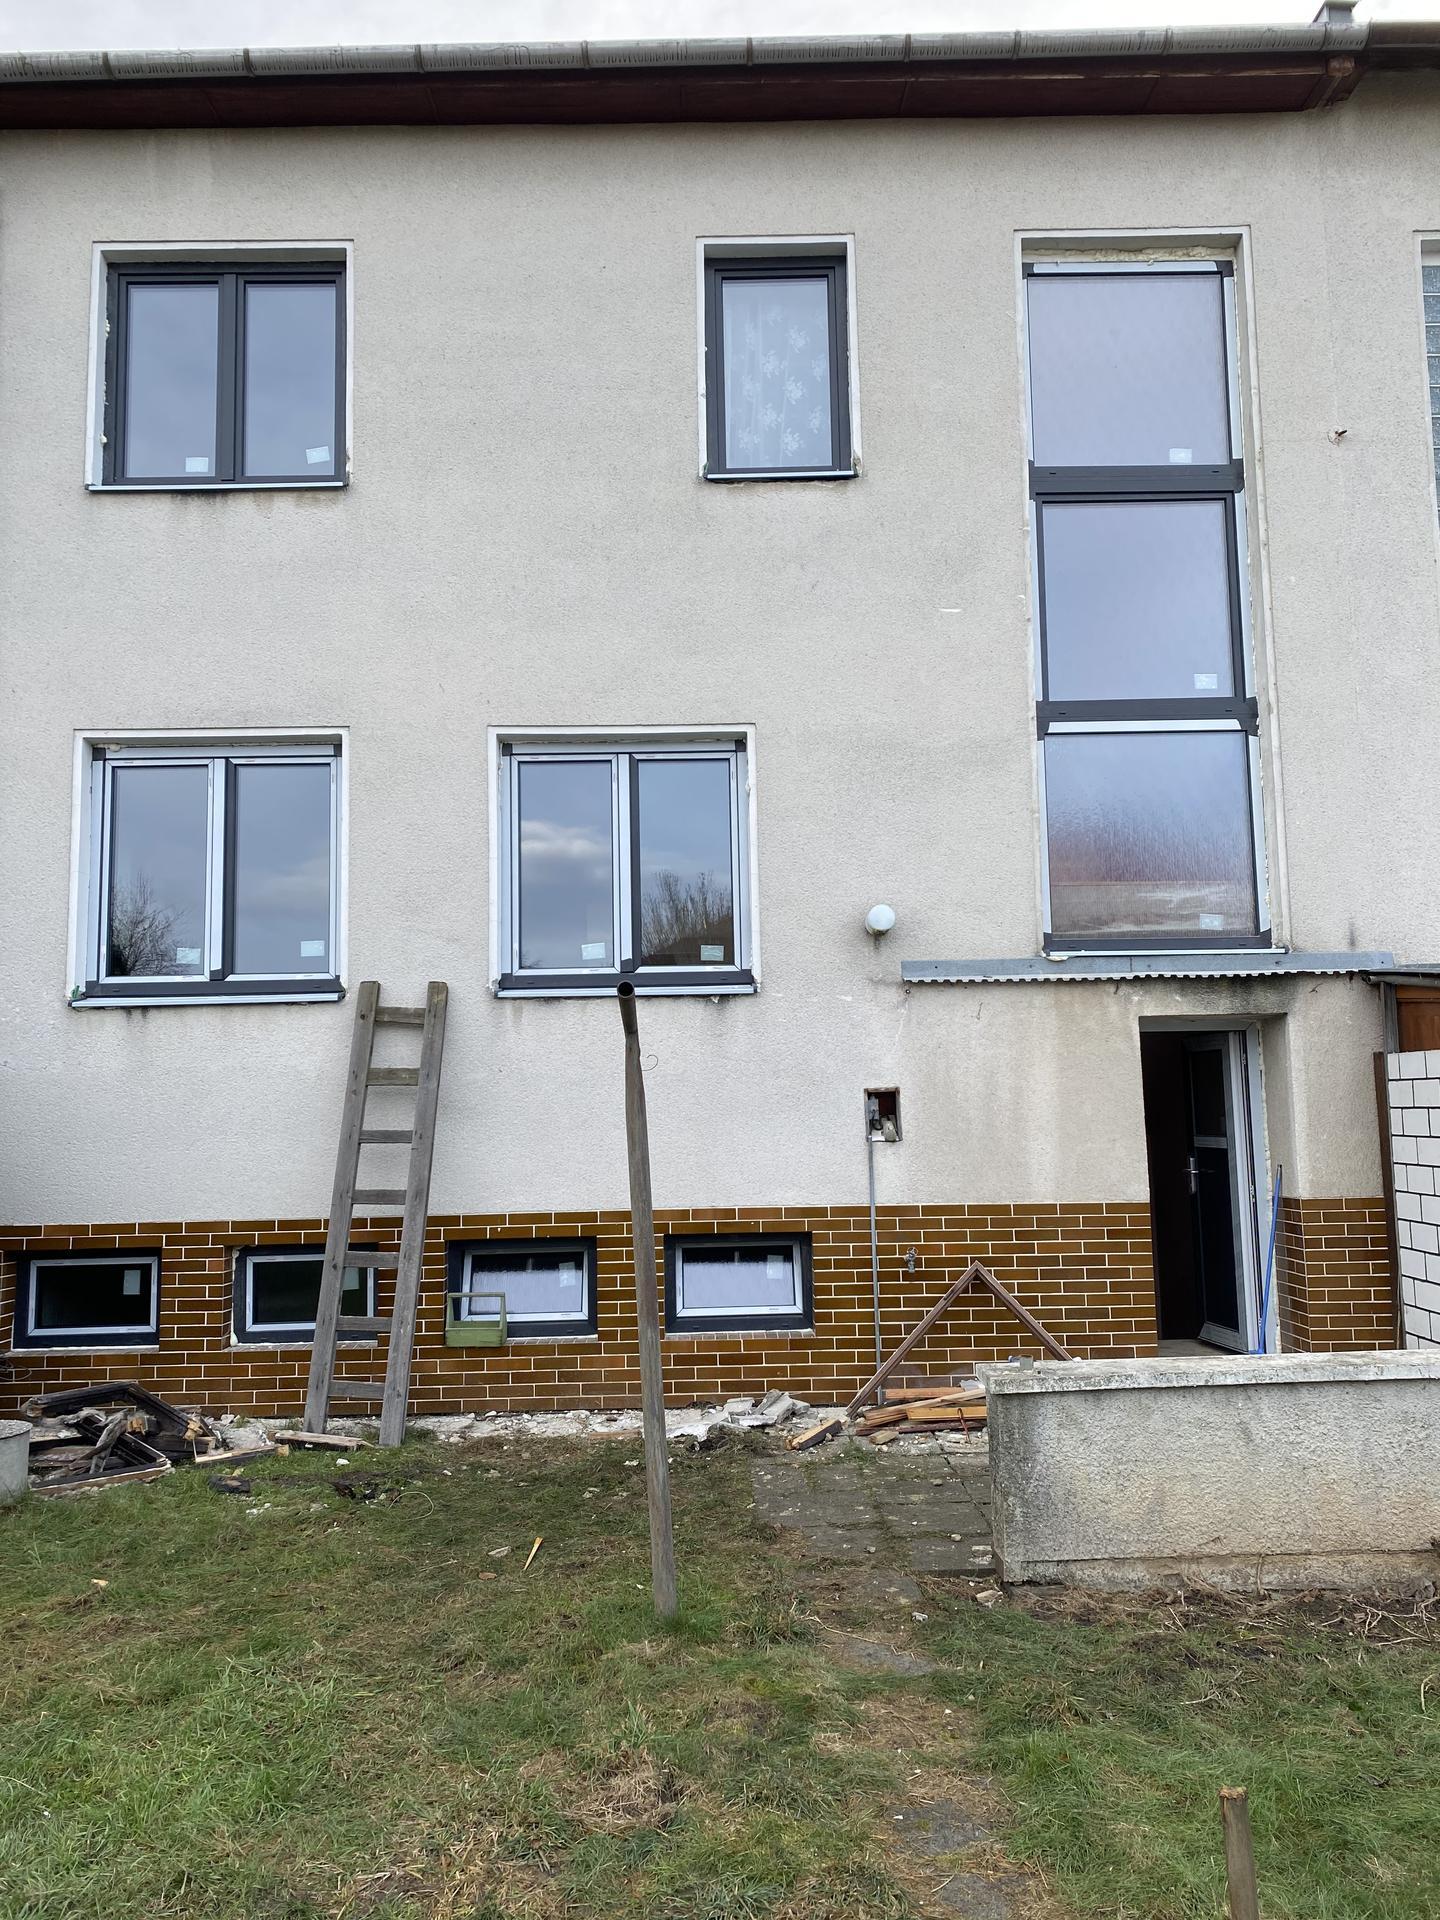 Náš sen bydlení ve vlastním 🏡🍀 - Luxfery vybourány,nahrazeny oknem 💪😊